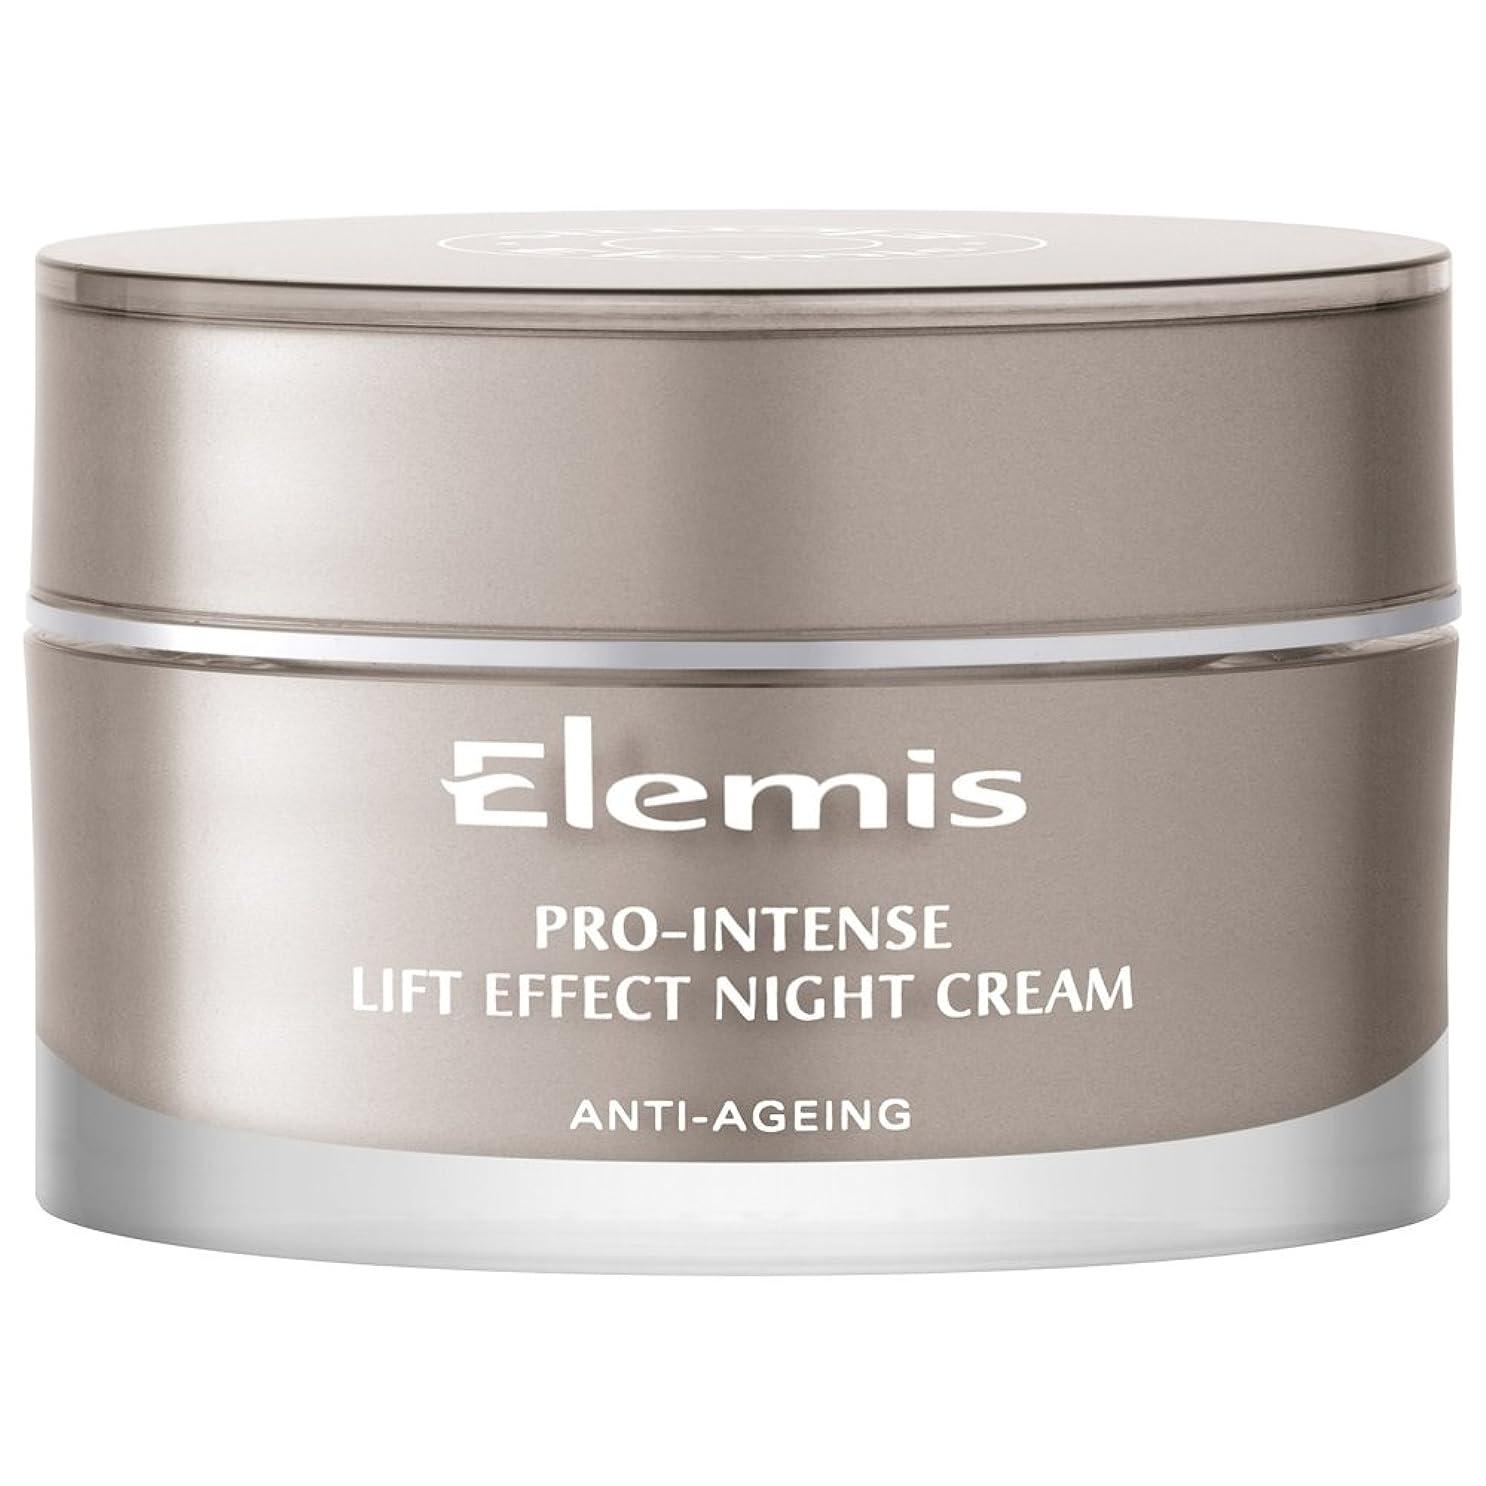 メンタリティ感嘆符クモエレミスプロ強烈なリフト効果のナイトクリーム (Elemis) - Elemis Pro-Intense Lift Effect Night Cream [並行輸入品]